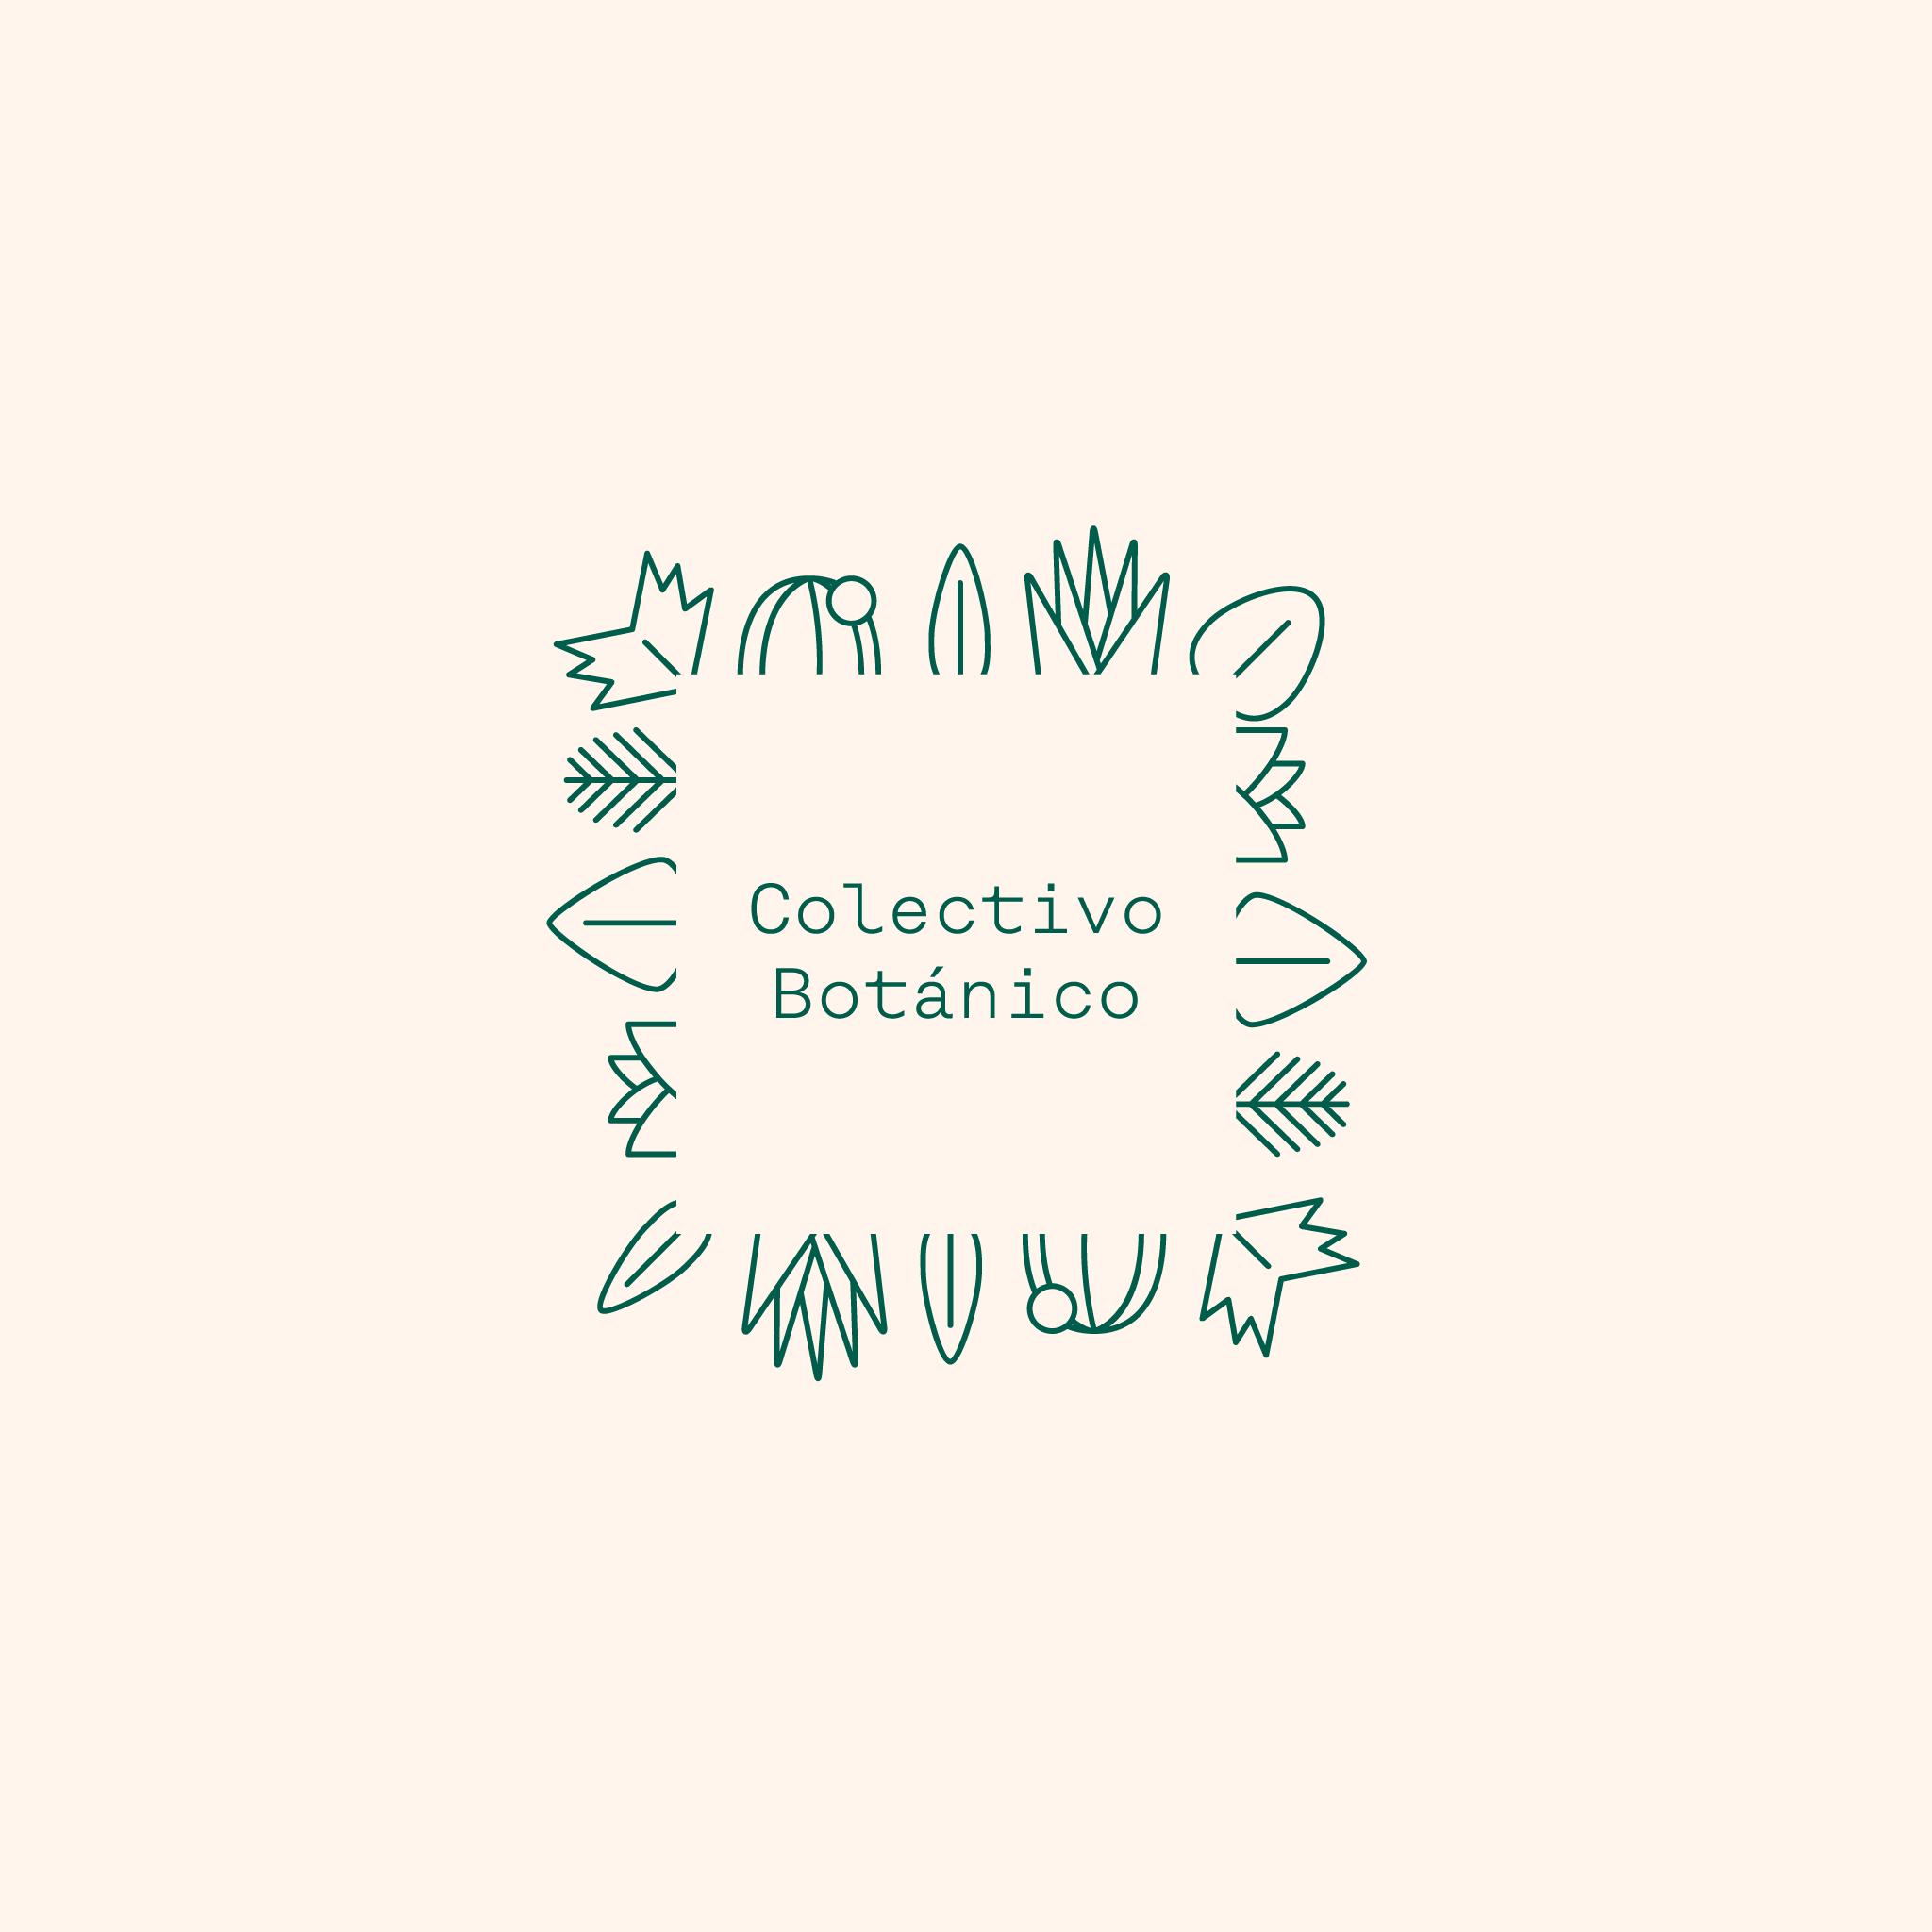 Identidad Gráfica para Colectivo Botánico 2017